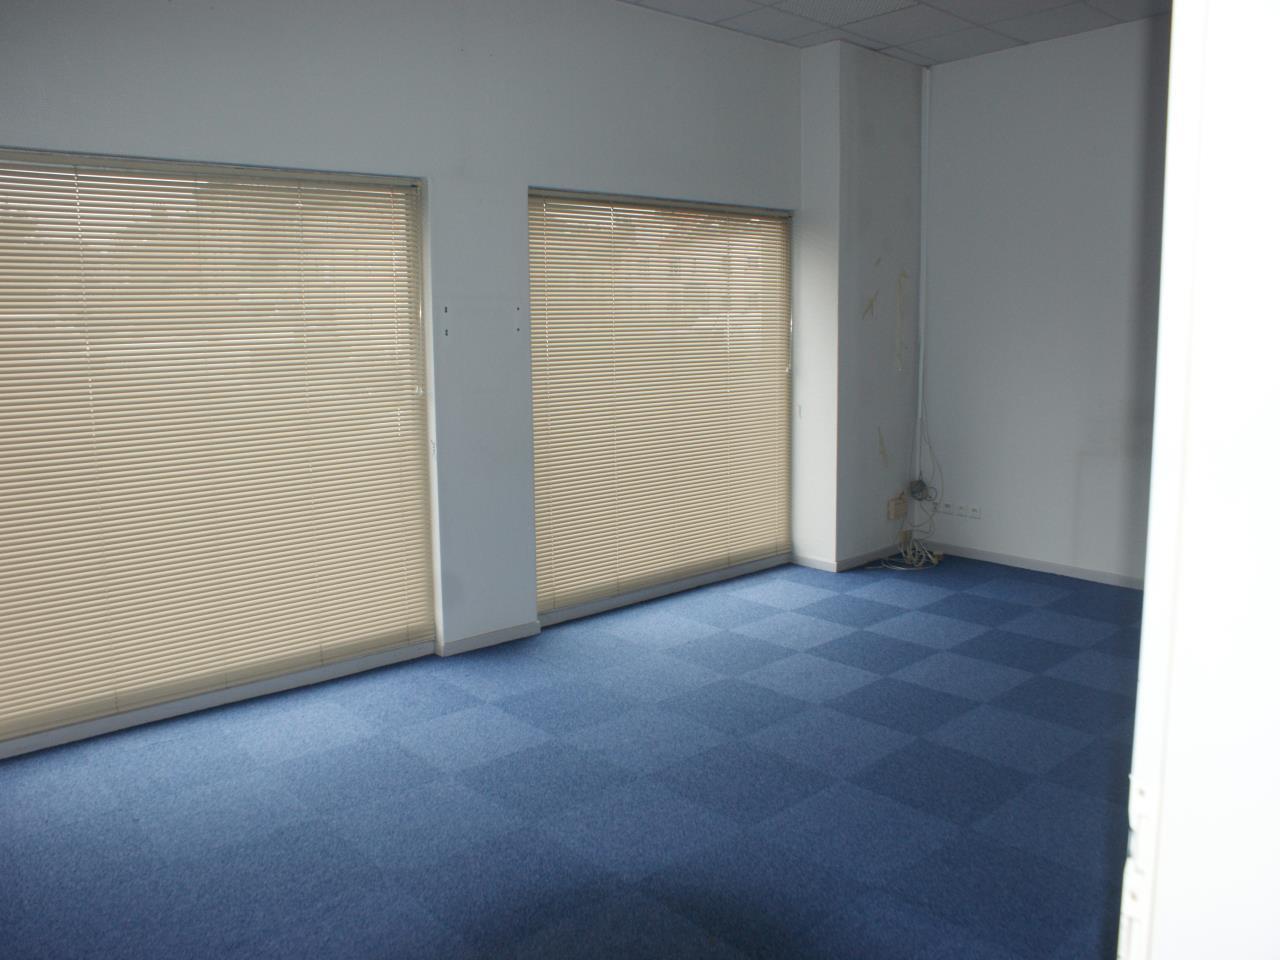 Location bureau moulins lès metz m² u bureauxlocaux